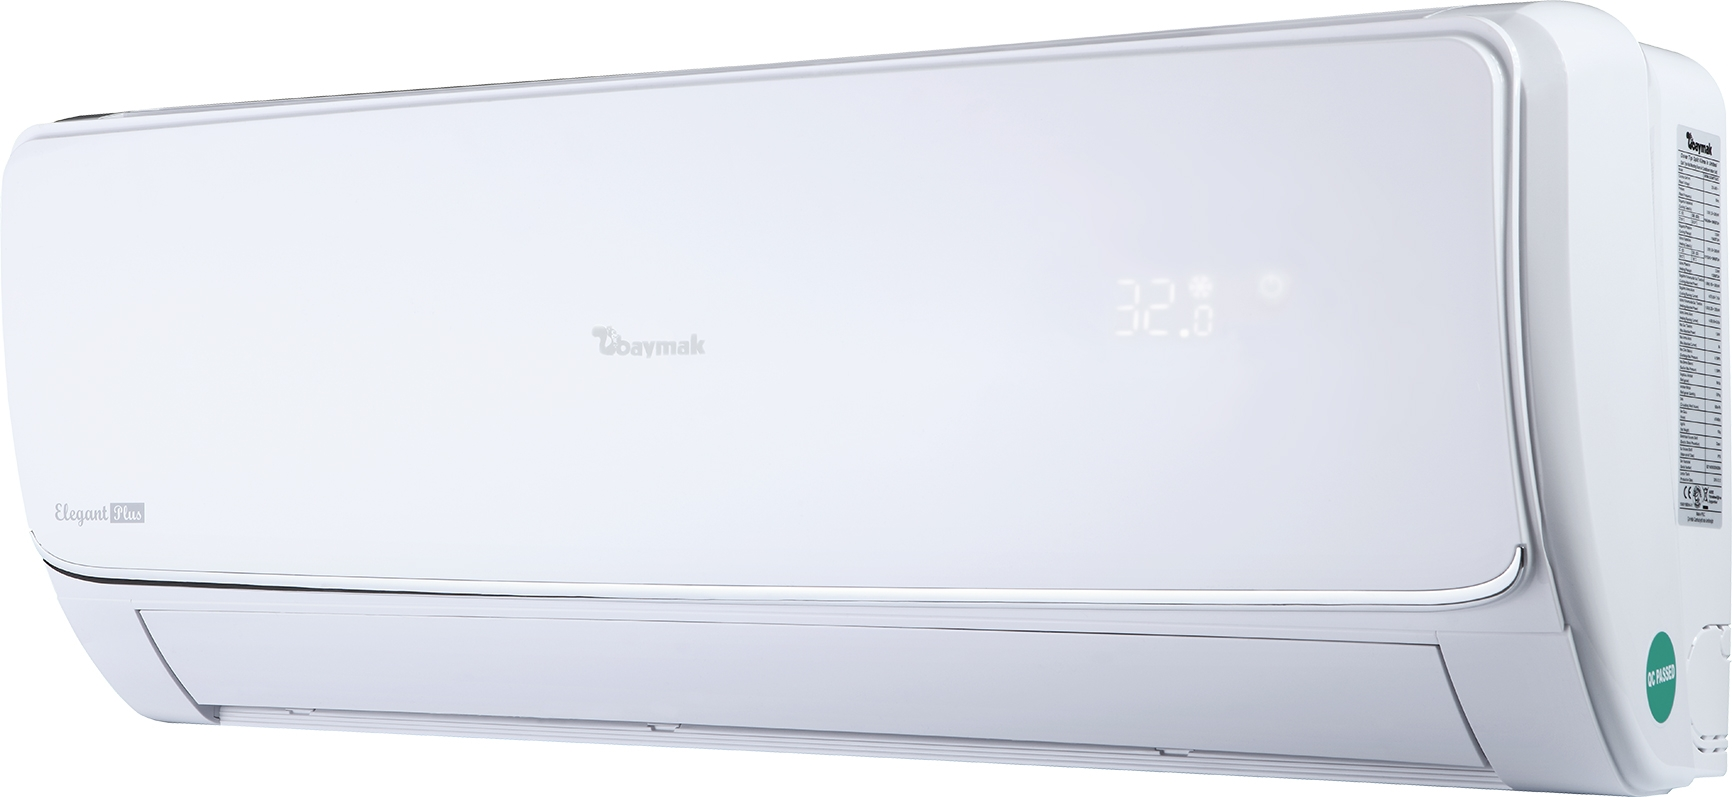 Baymak Elegant Plus 09 A++ 9000 Btu Inverter Klima